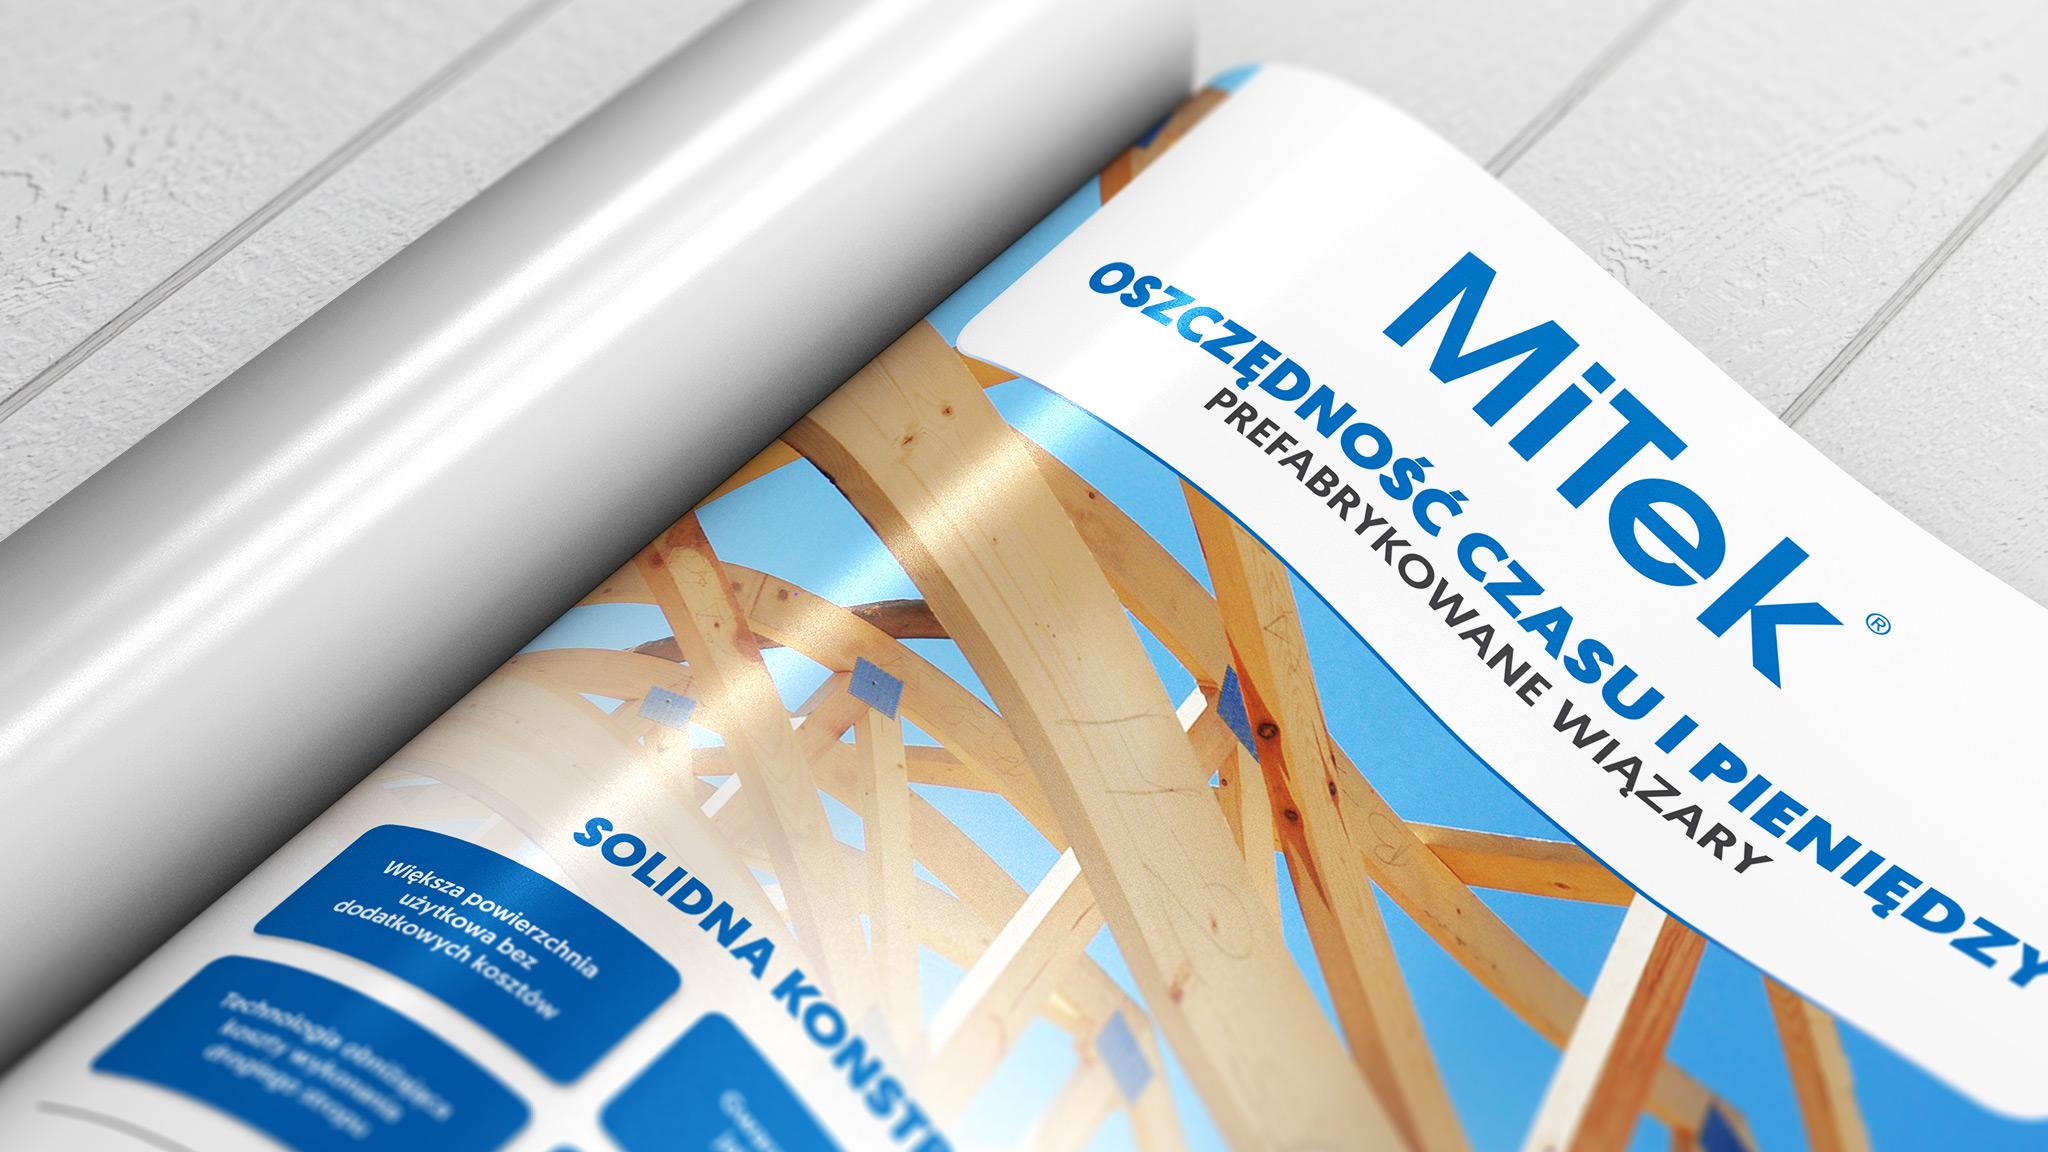 Realizacja kampanii reklamowej TTL (ATL + BTL) dla firmy Mitek Industries